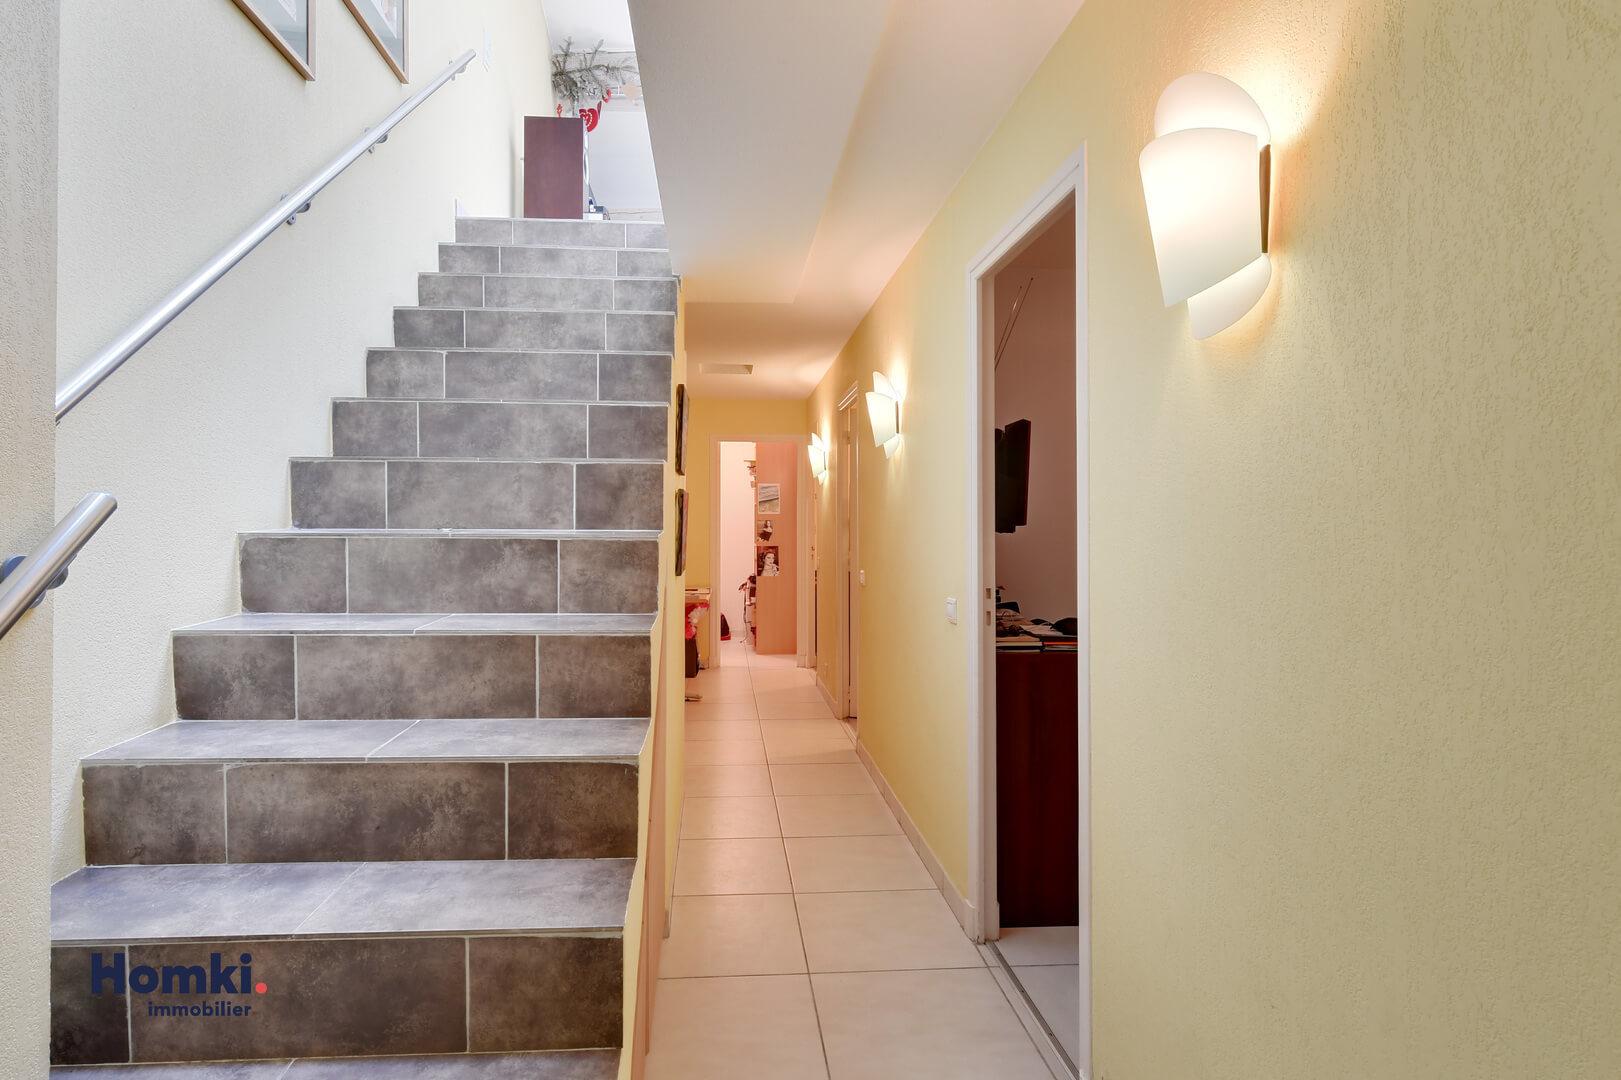 Vente appartement duplex Antibes 06600 T4 90m²_9